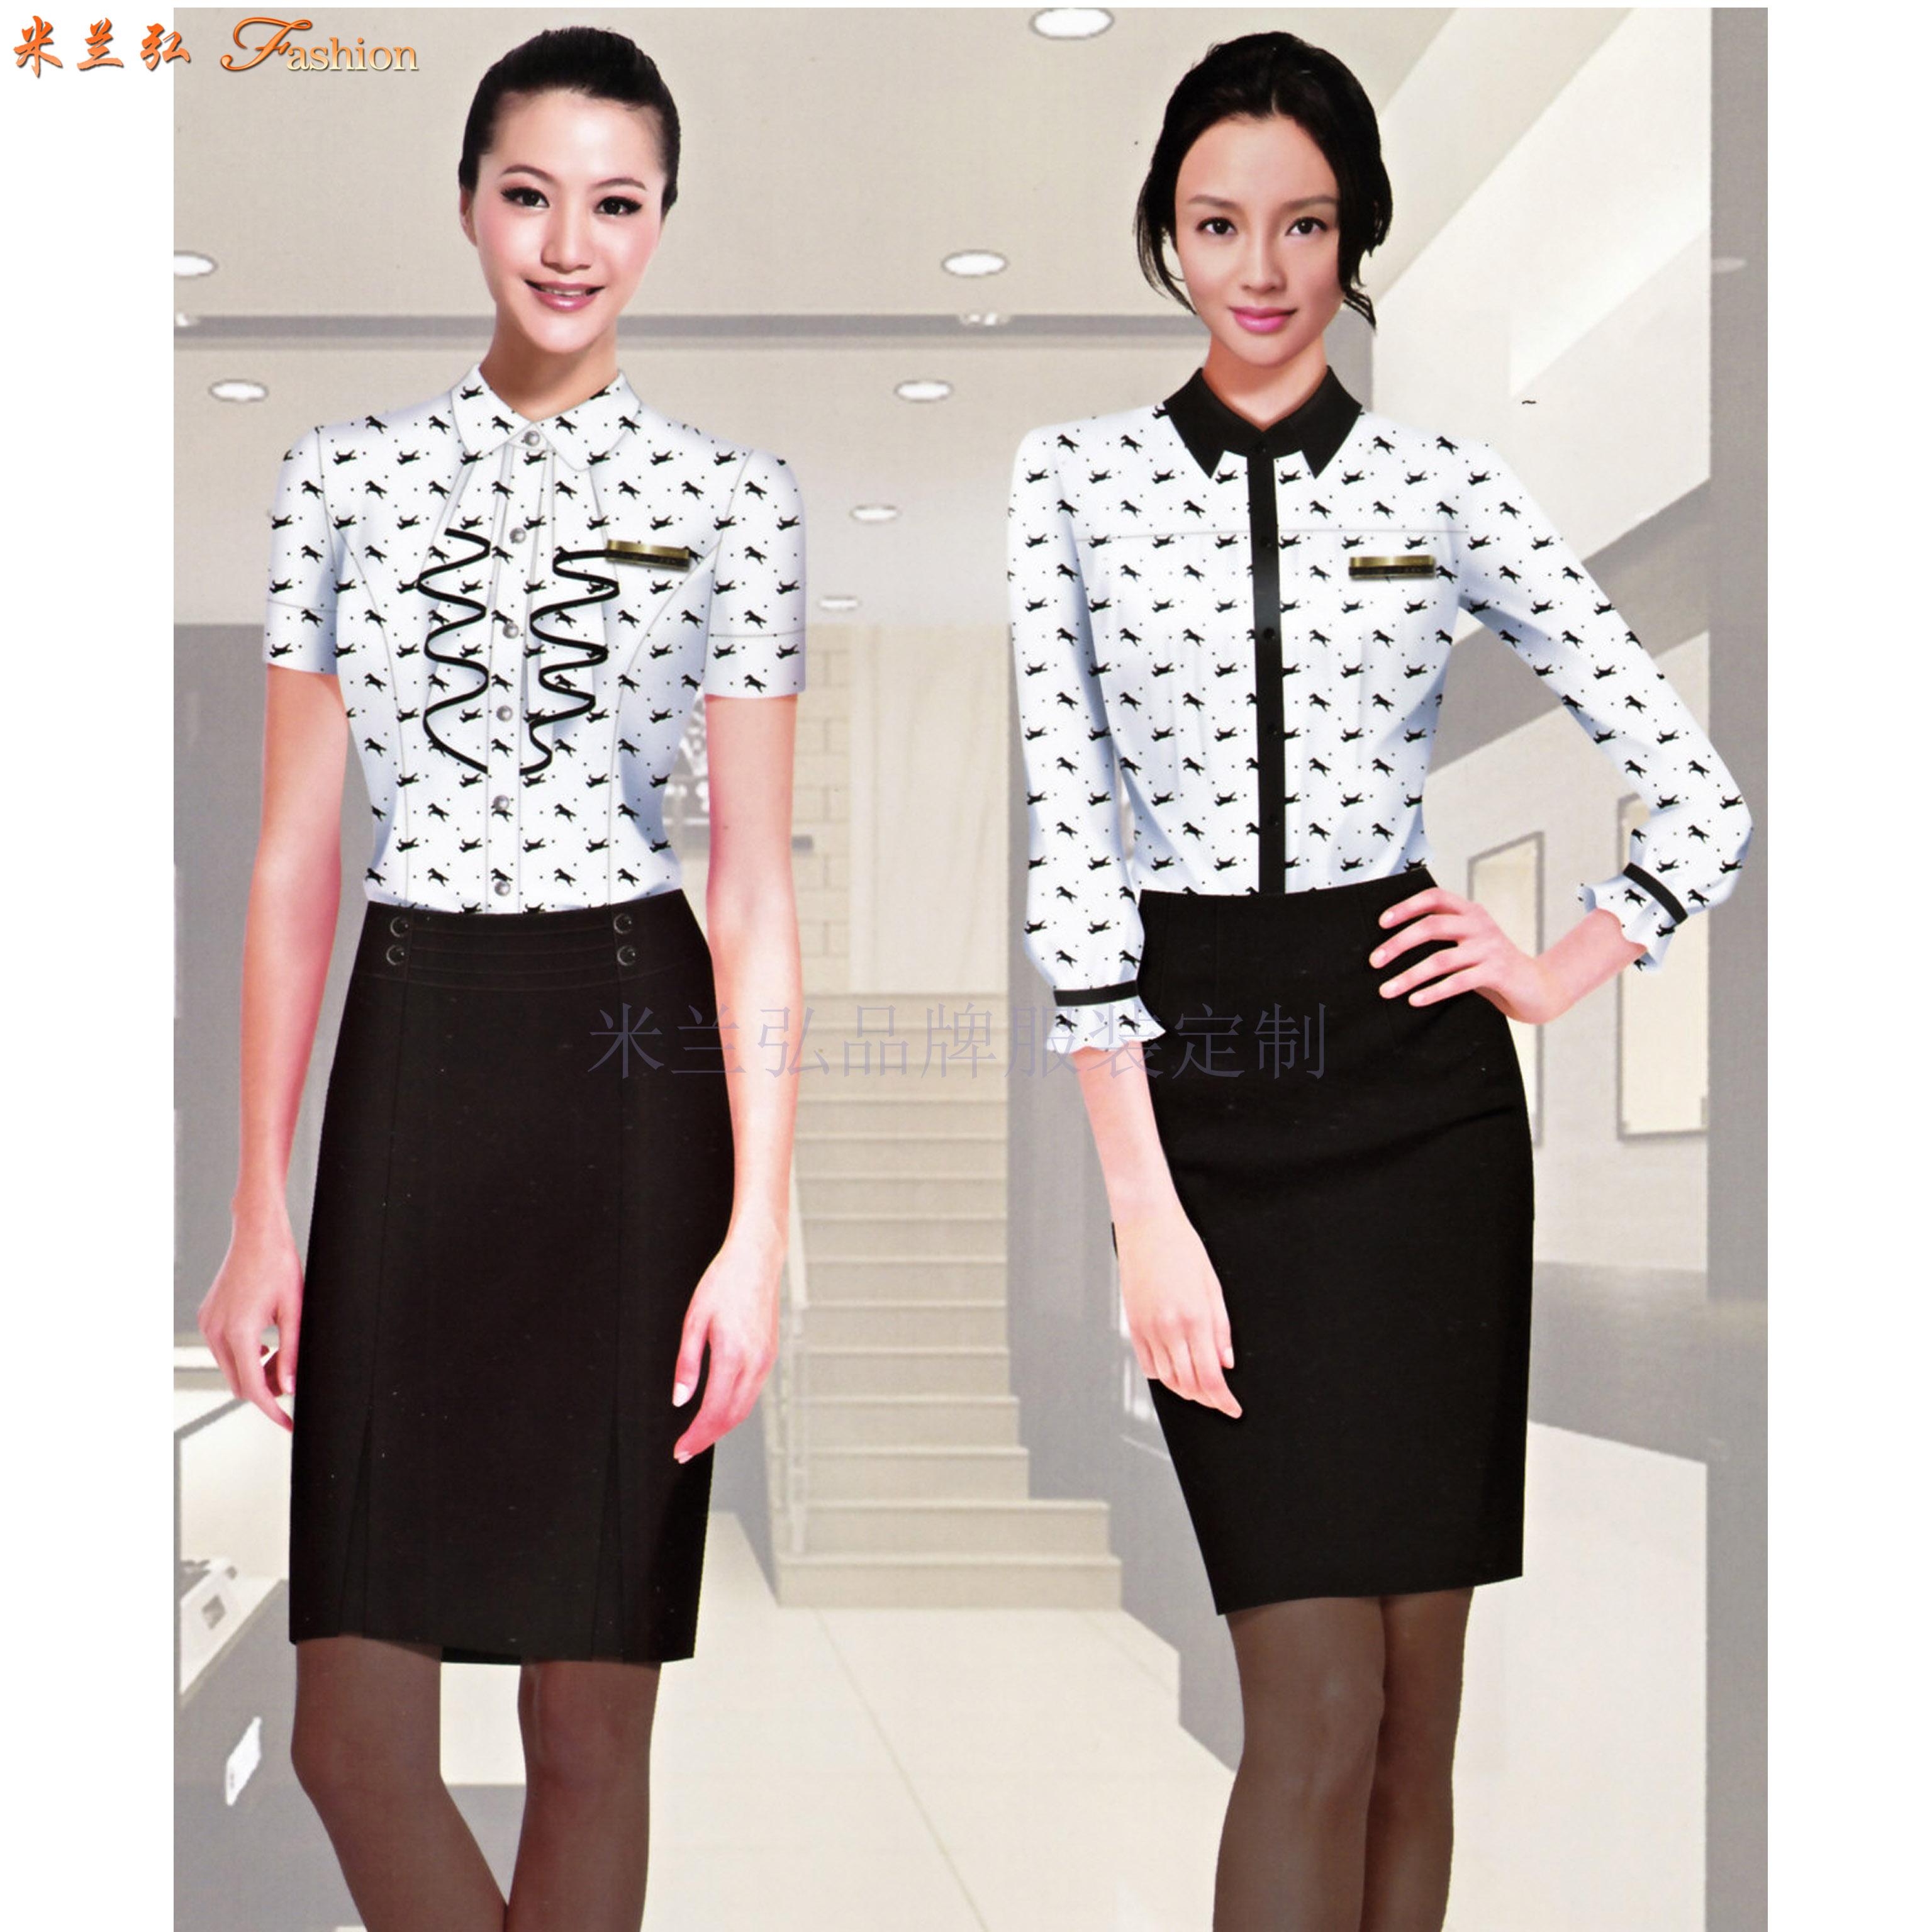 「衬衫」北京量体定制订做免熨商务衬衫的专业厂家-米兰弘服装-3